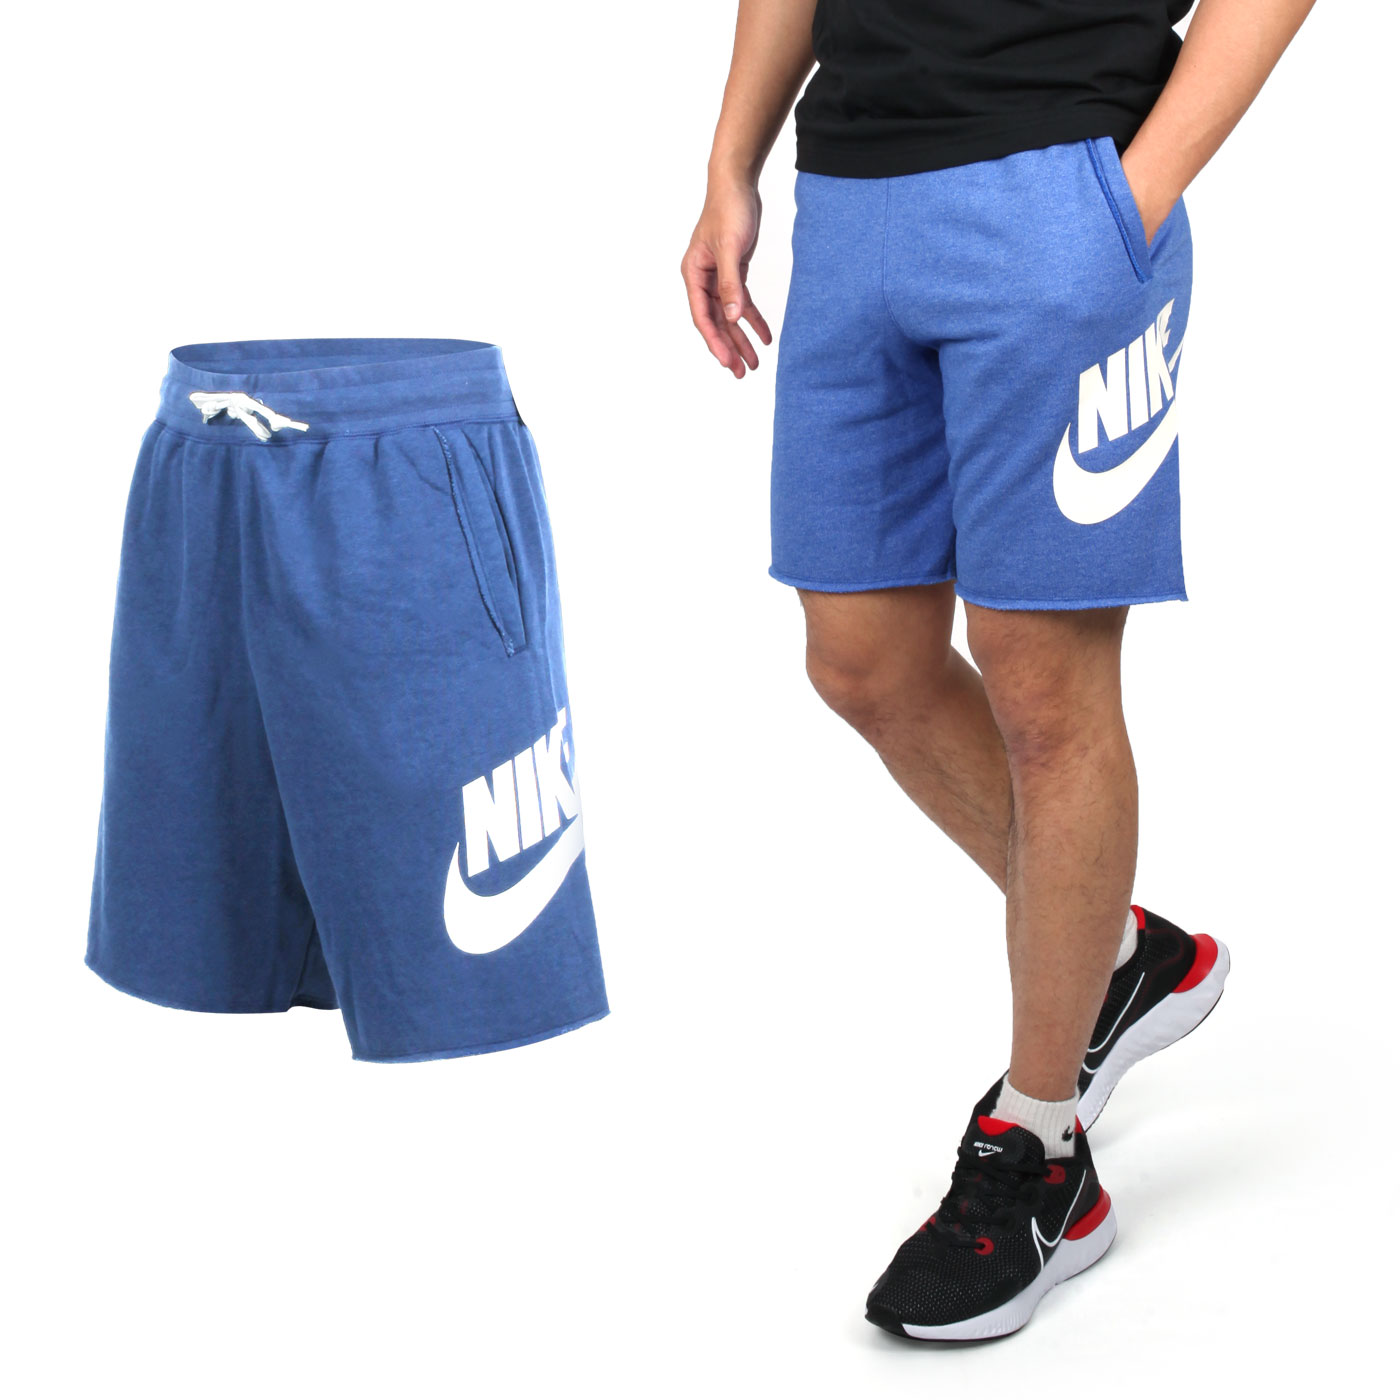 NIKE 男款休閒針織短褲 AR2376010 - 麻花藍白